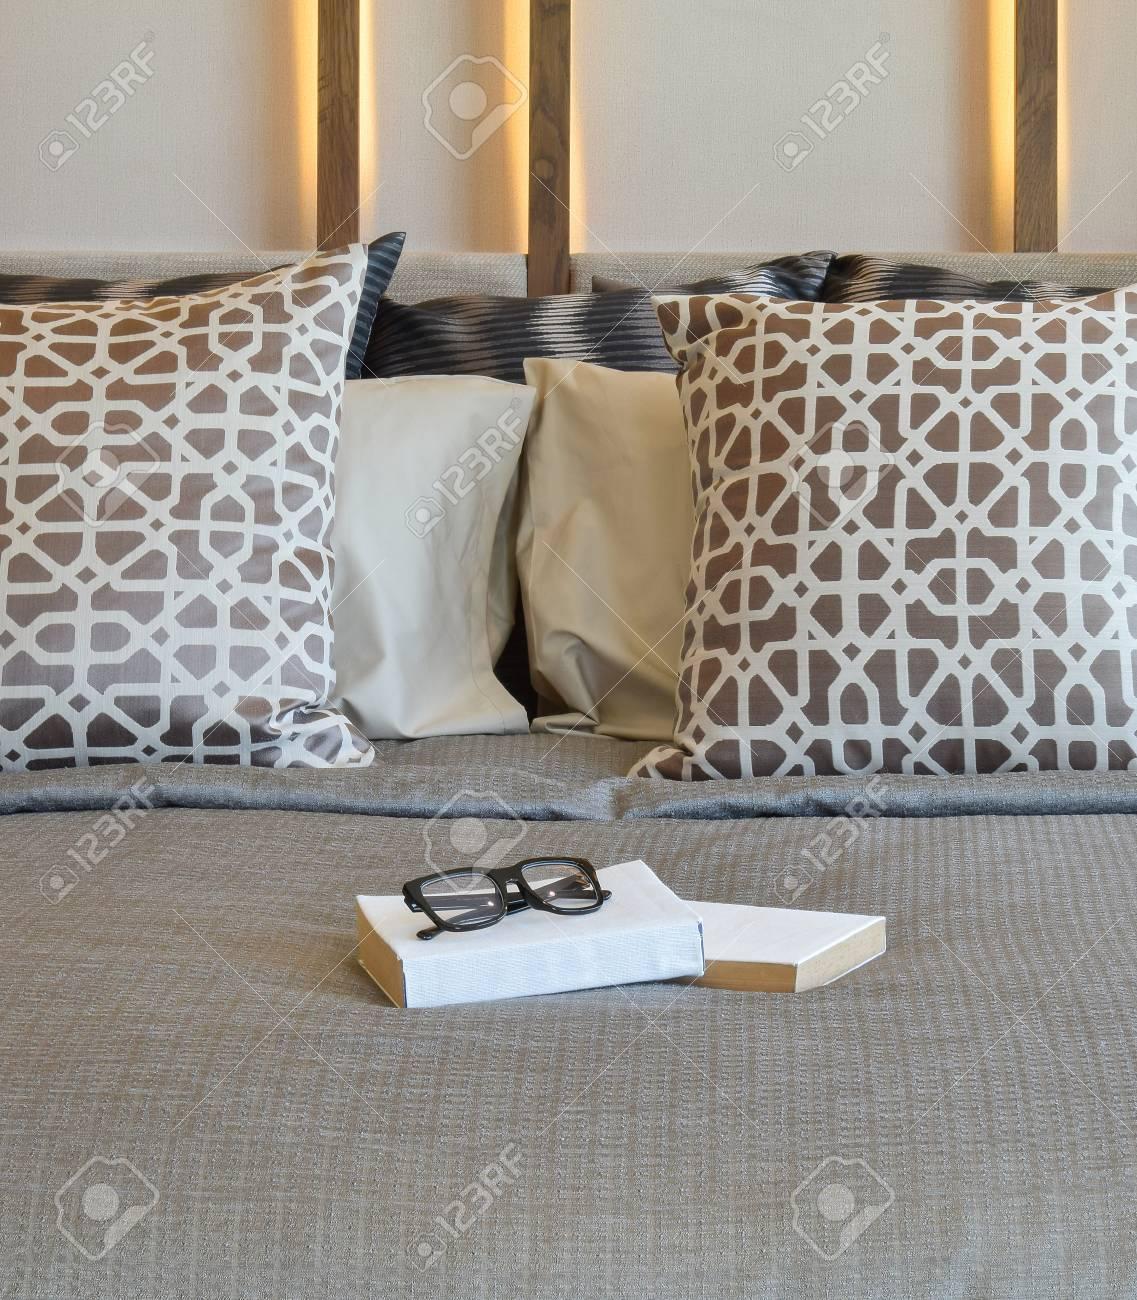 Stijlvolle Slaapkamer Interieur Met Bruine Kussens En Boeken Op Bed ...